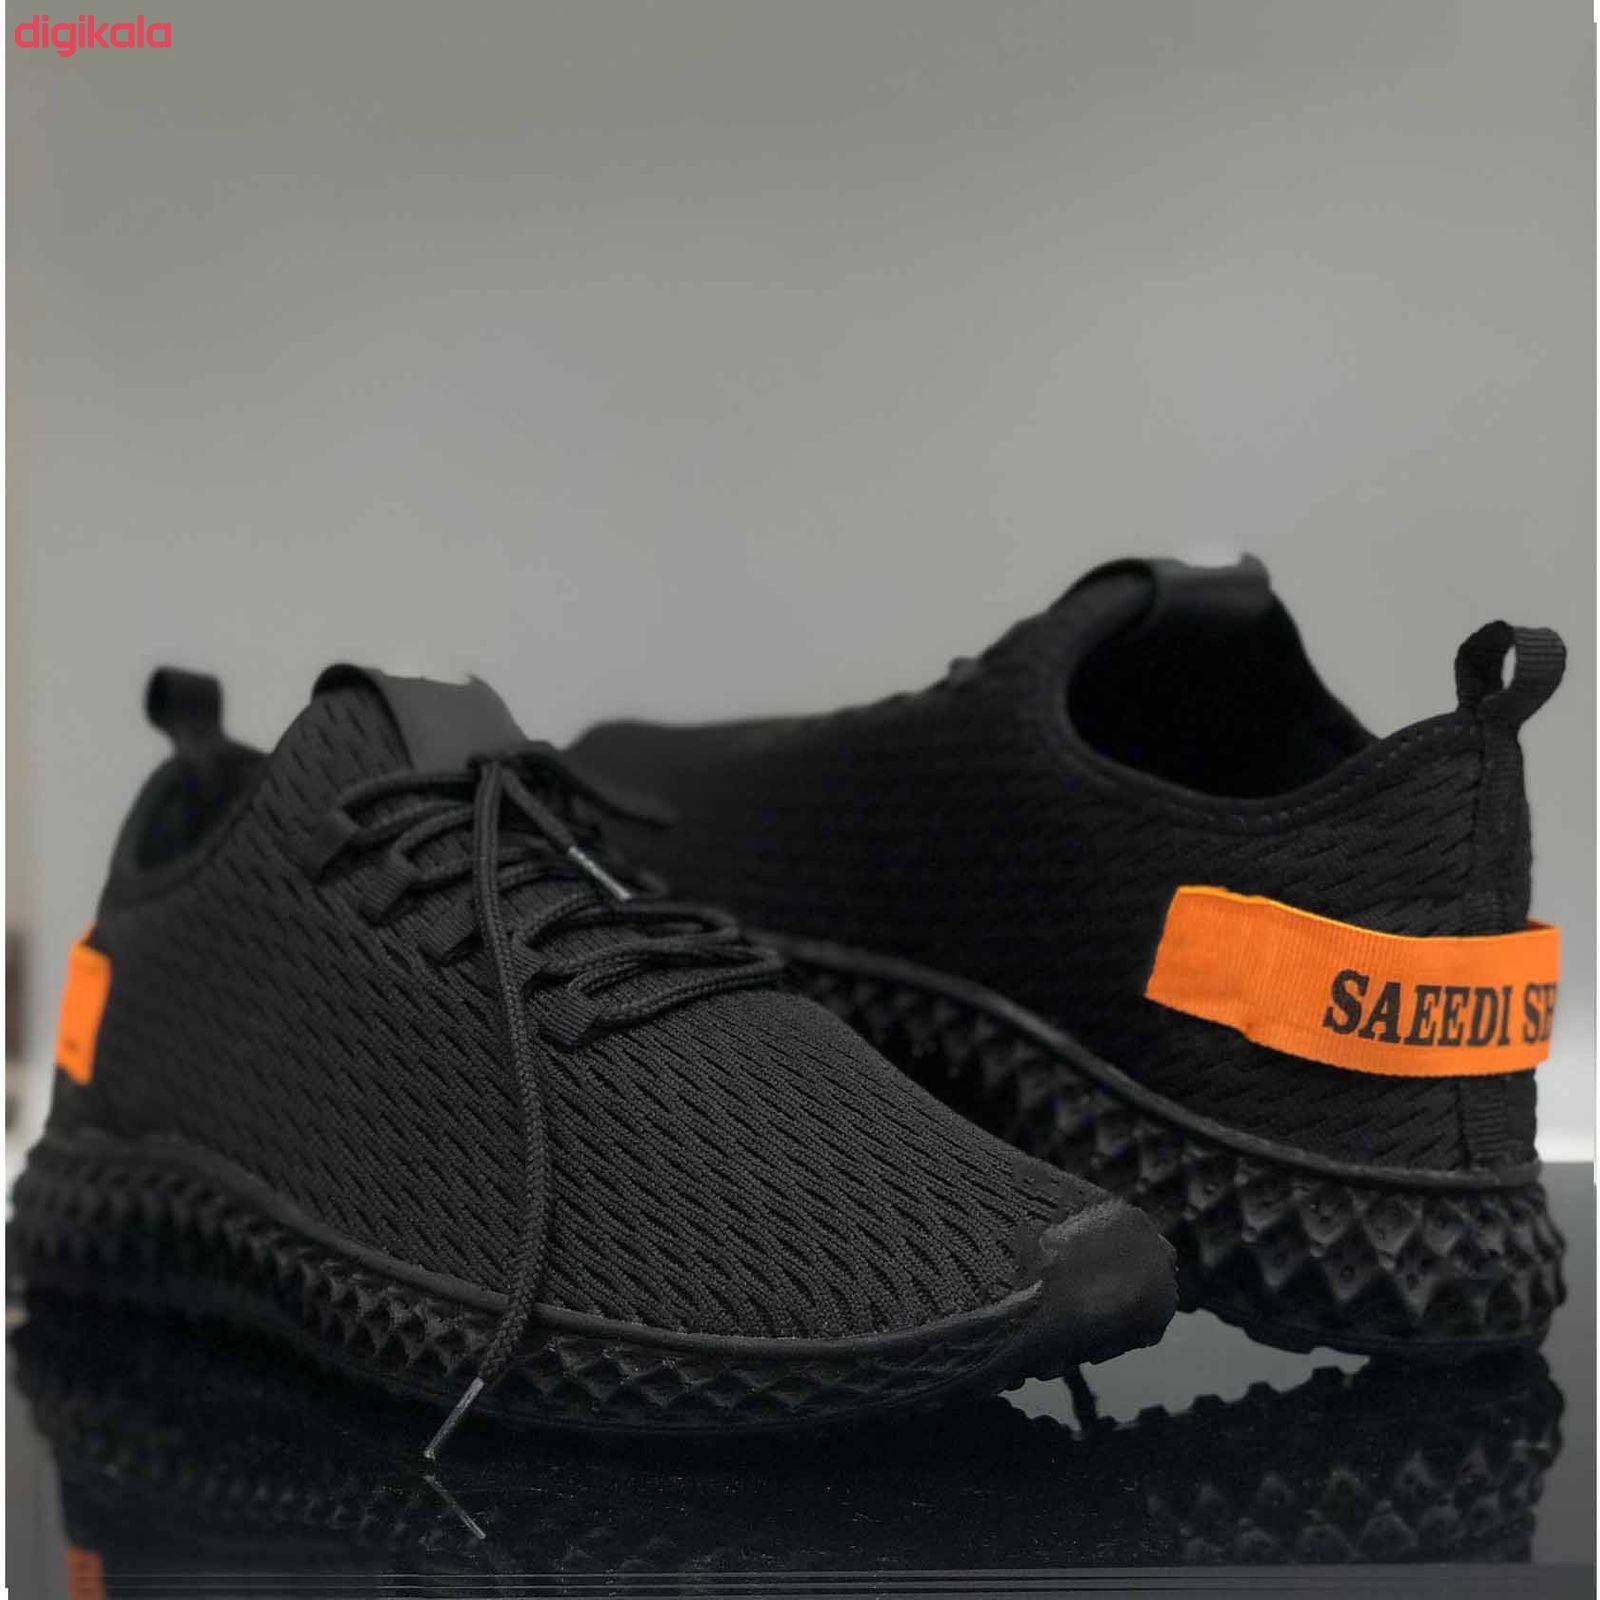 کفش مخصوص پیاده روی سعیدی کد Sa 304 main 1 7